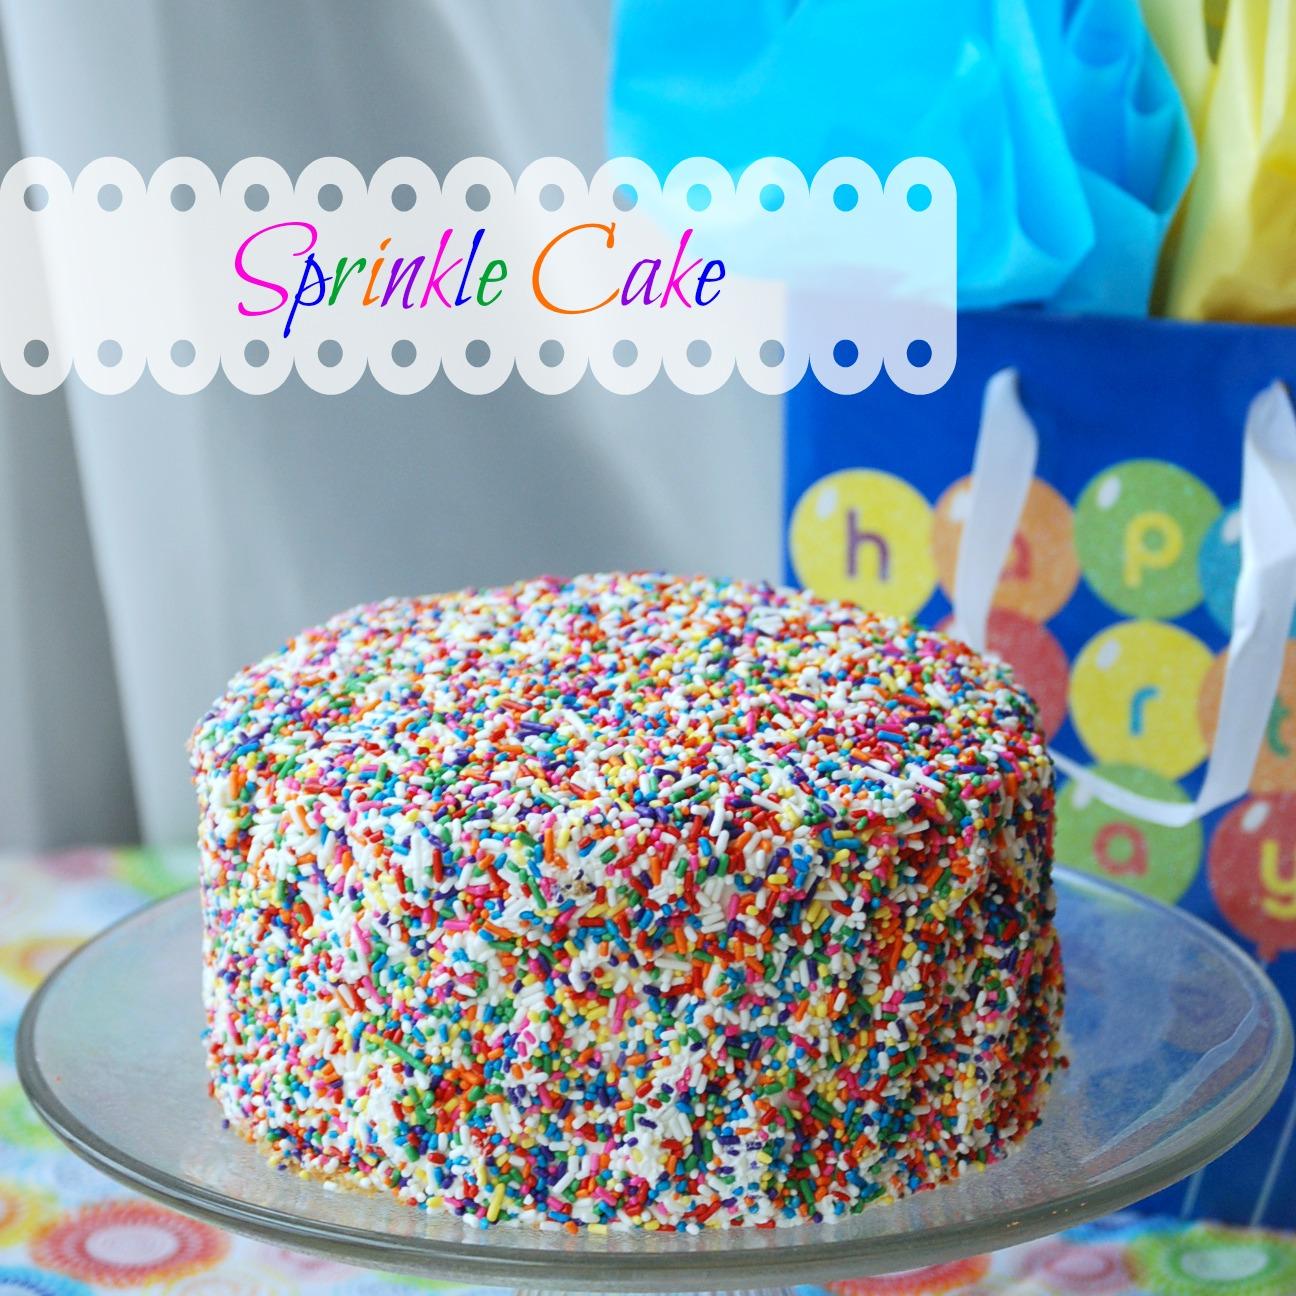 Tremendous Sprinkle Cake Endlessly Inspired Personalised Birthday Cards Veneteletsinfo